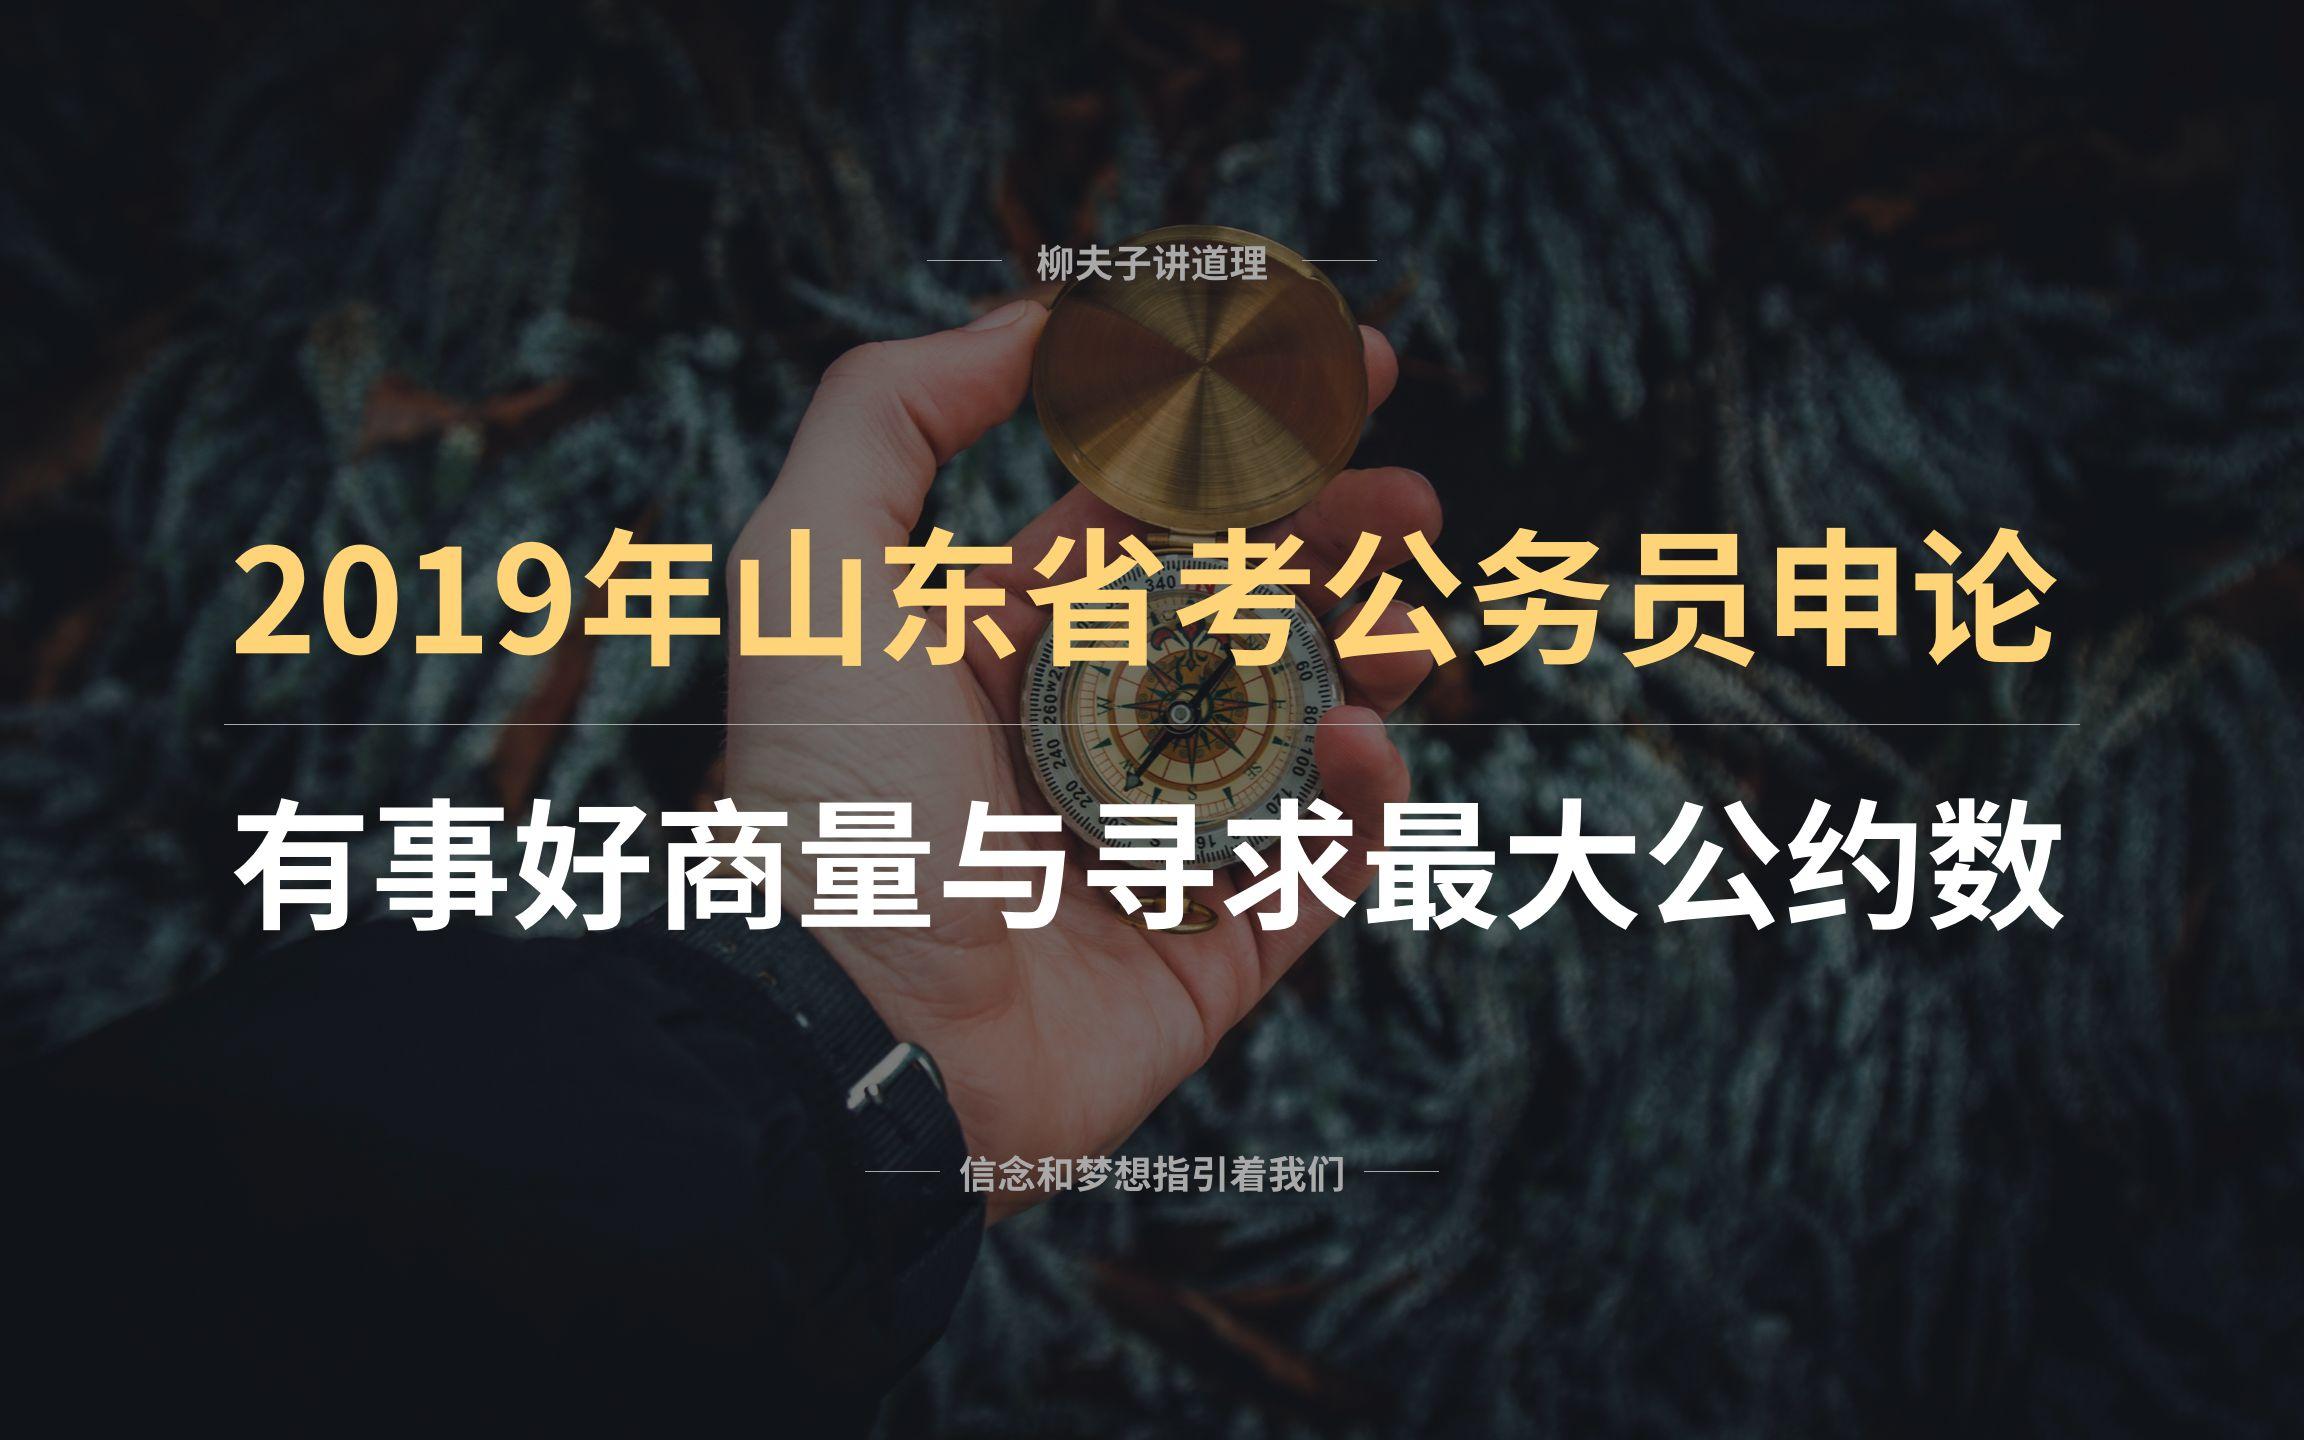 2019年山东省考公务员申论A类写作题解析 有事好商量与寻找最大公约数